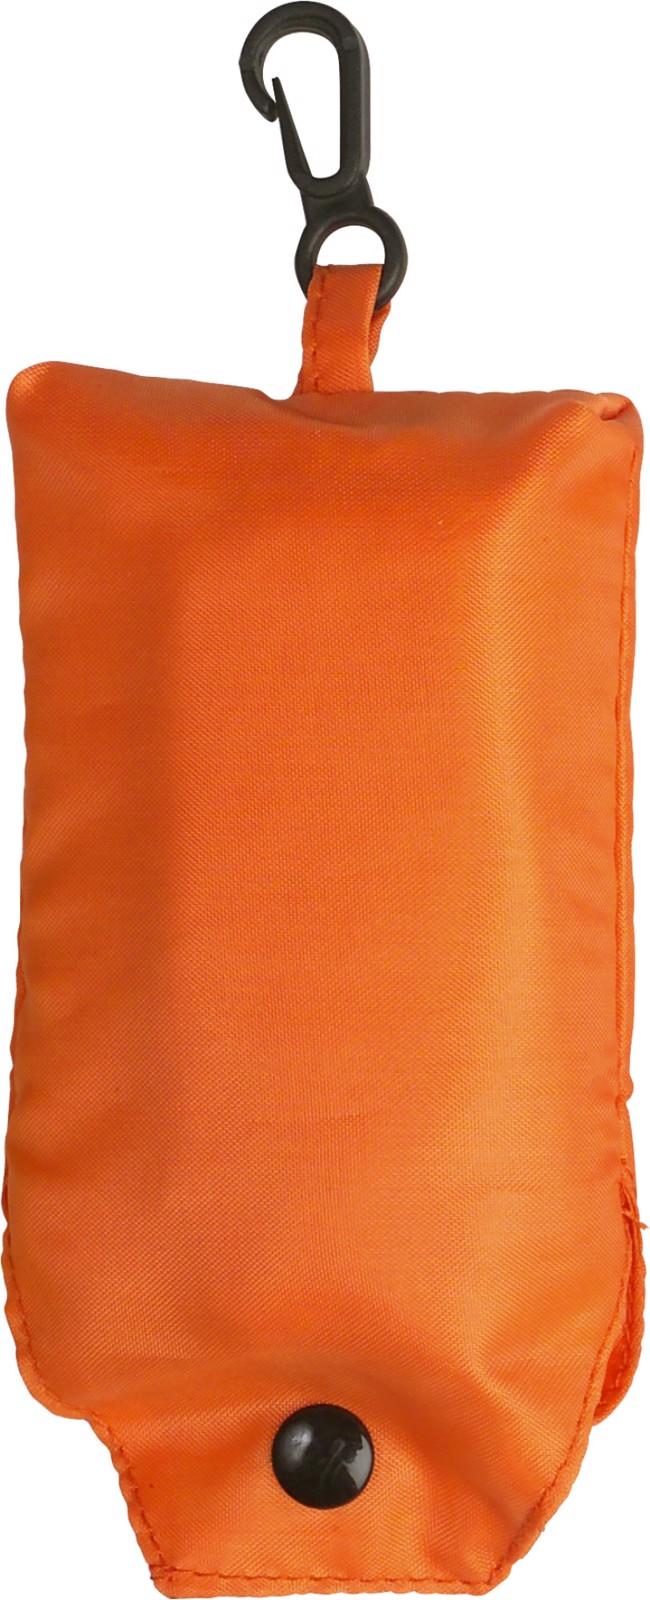 Polyester (190T) shopping bag - Orange